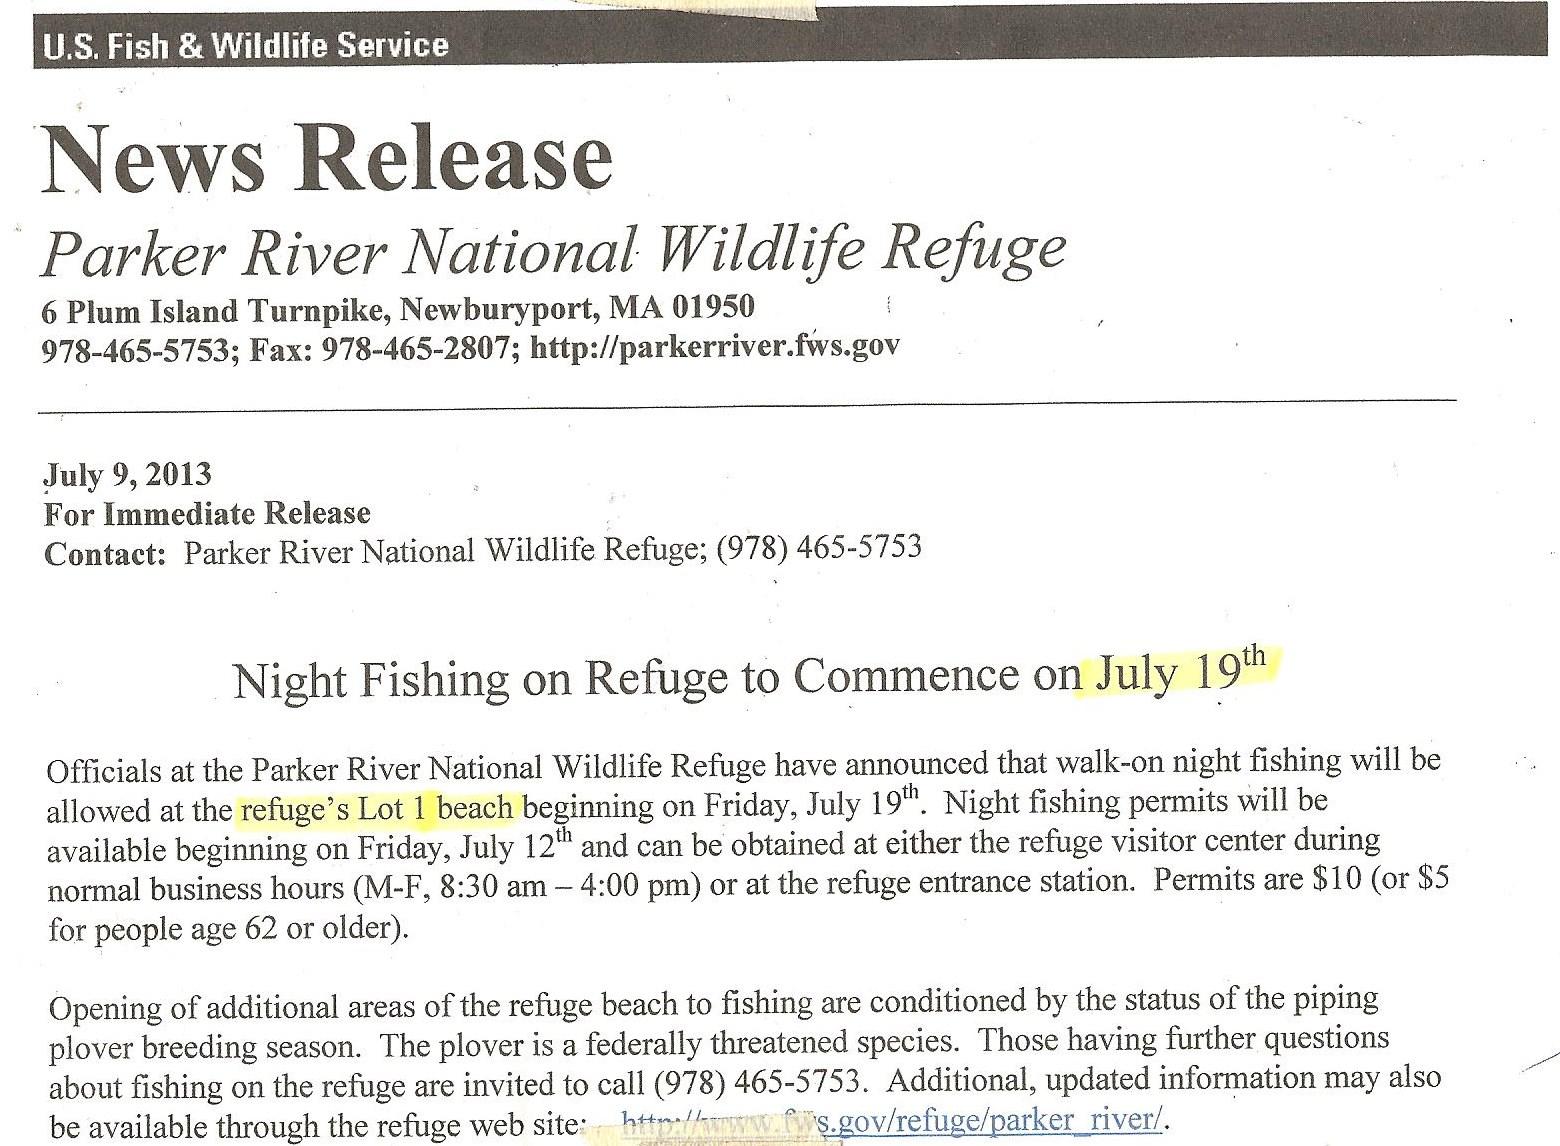 Night Fishing PRWR